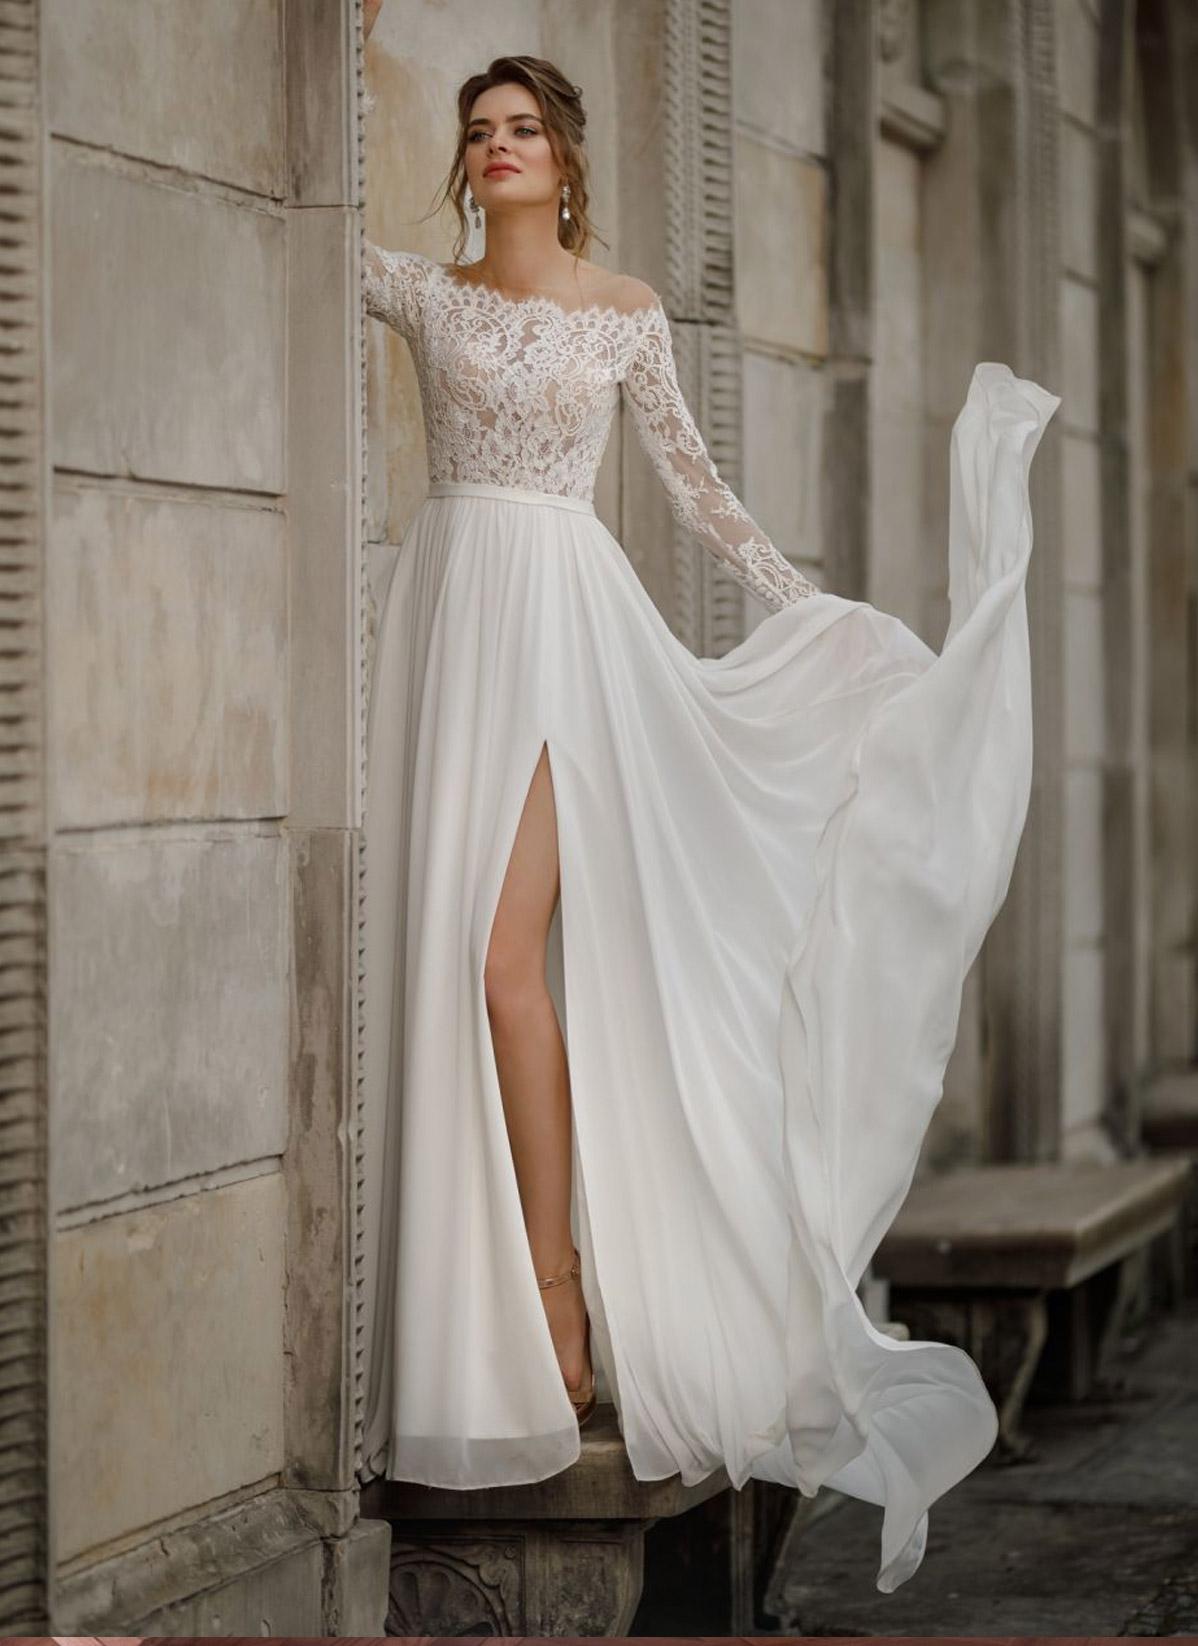 Herm&#8217;s Bridal <br> Comodoro